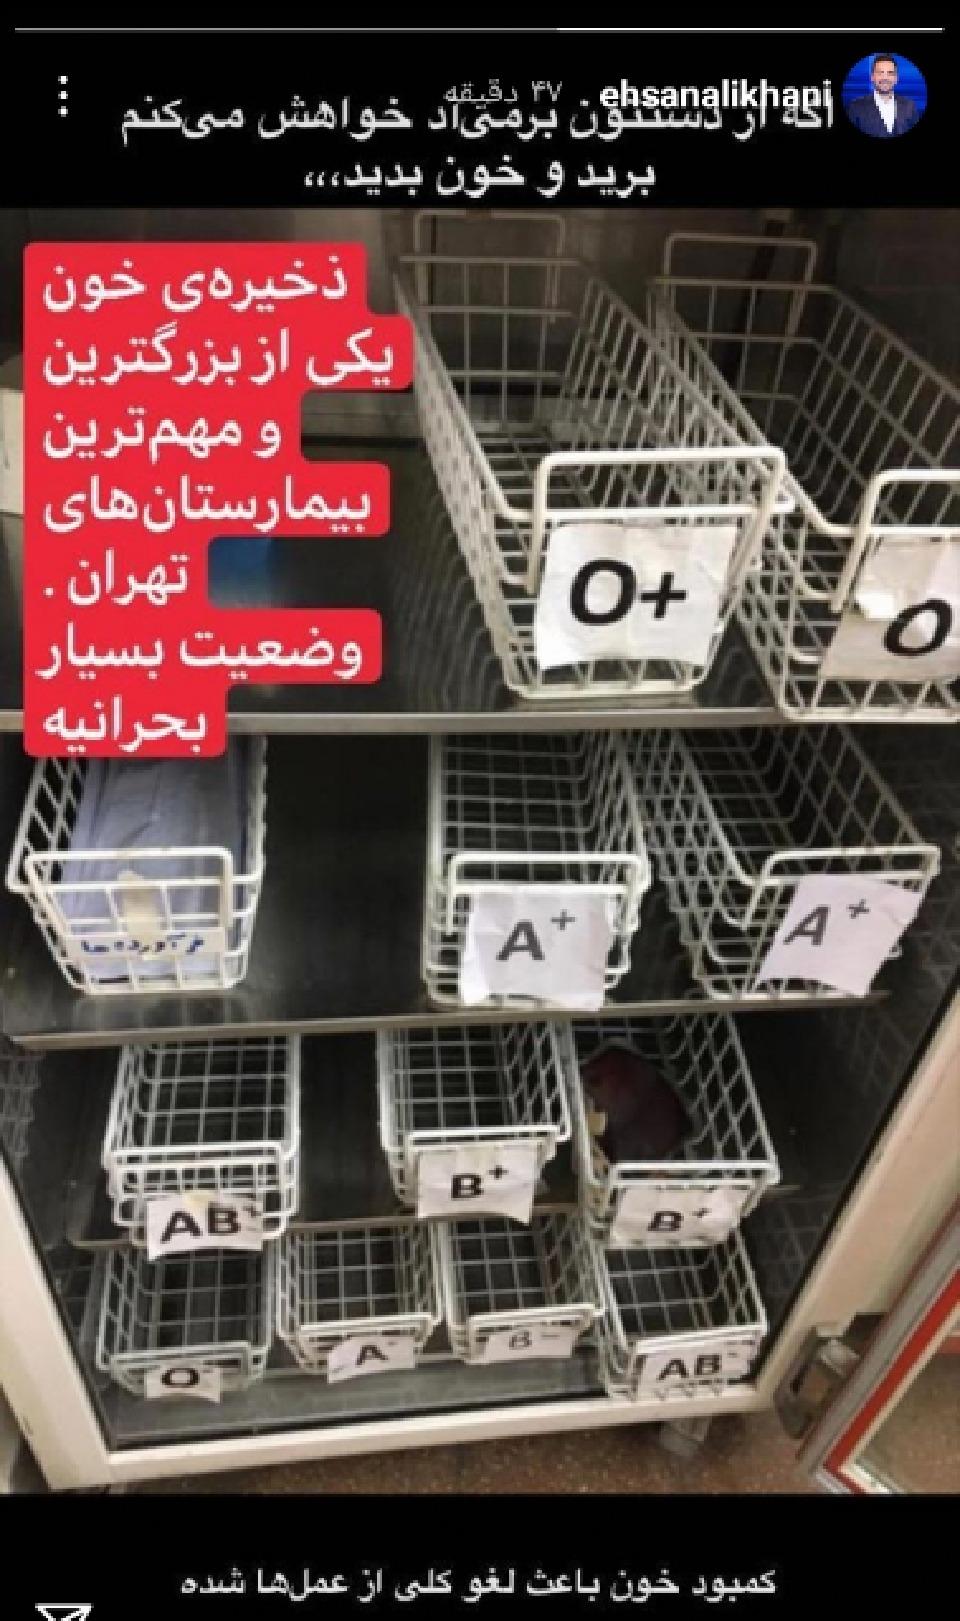 12912608 554 - اعلام یک وضعیت بحرانی از زبان احسان علیخانی + عکس